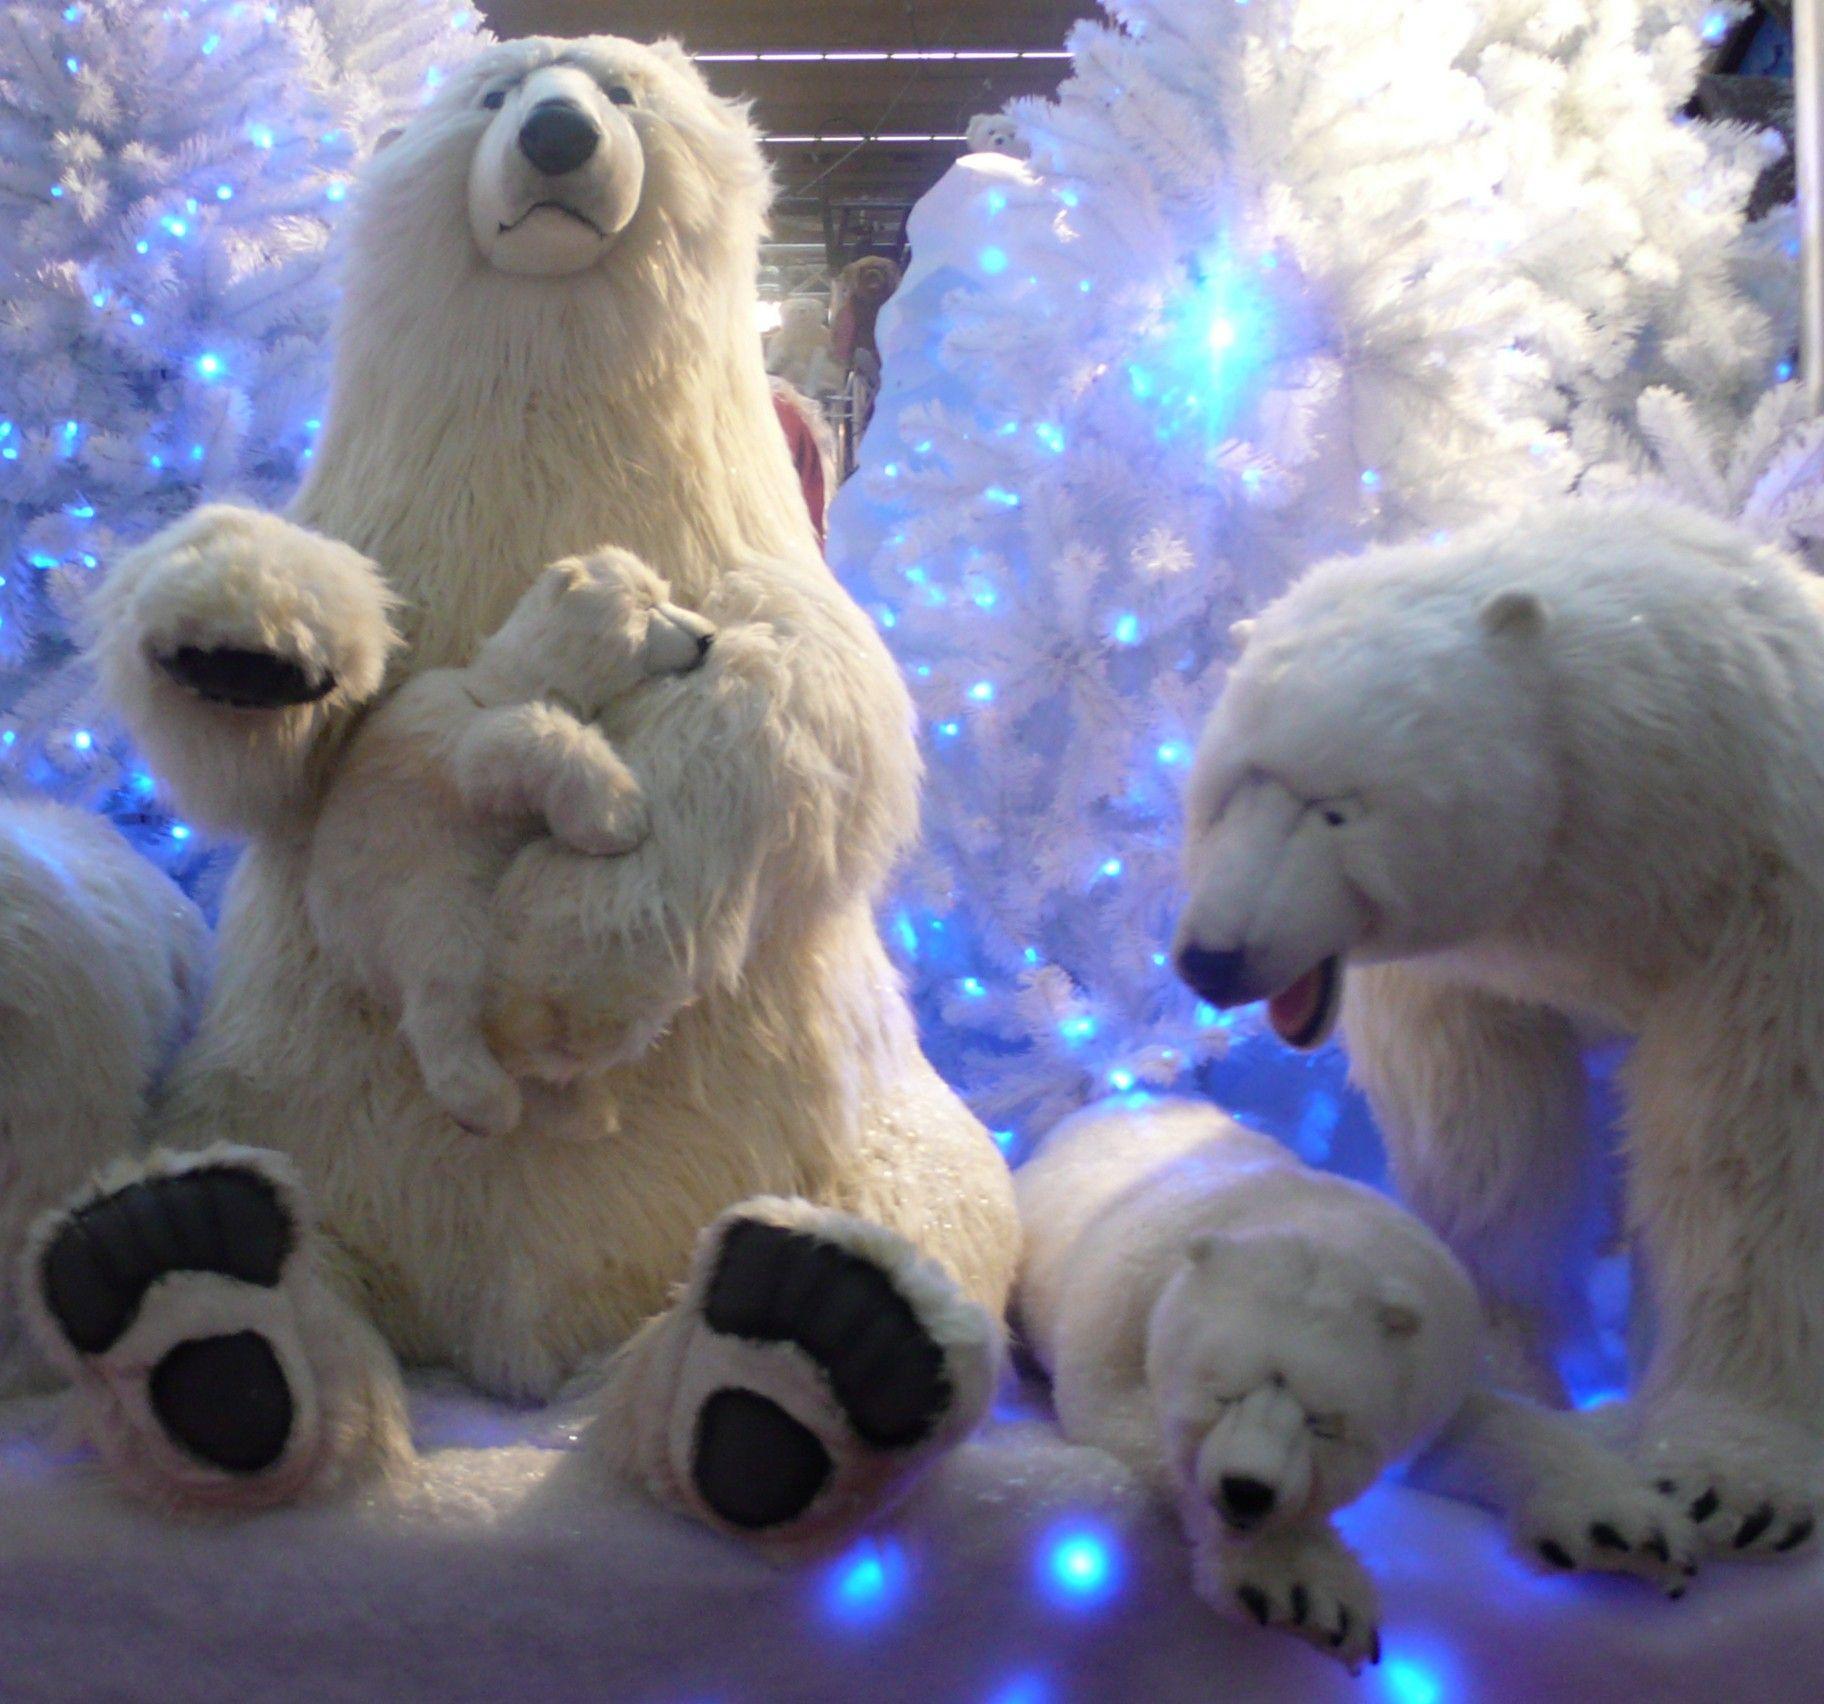 Polar Bear Christmas Decorations Adorable Festive And Really Has A